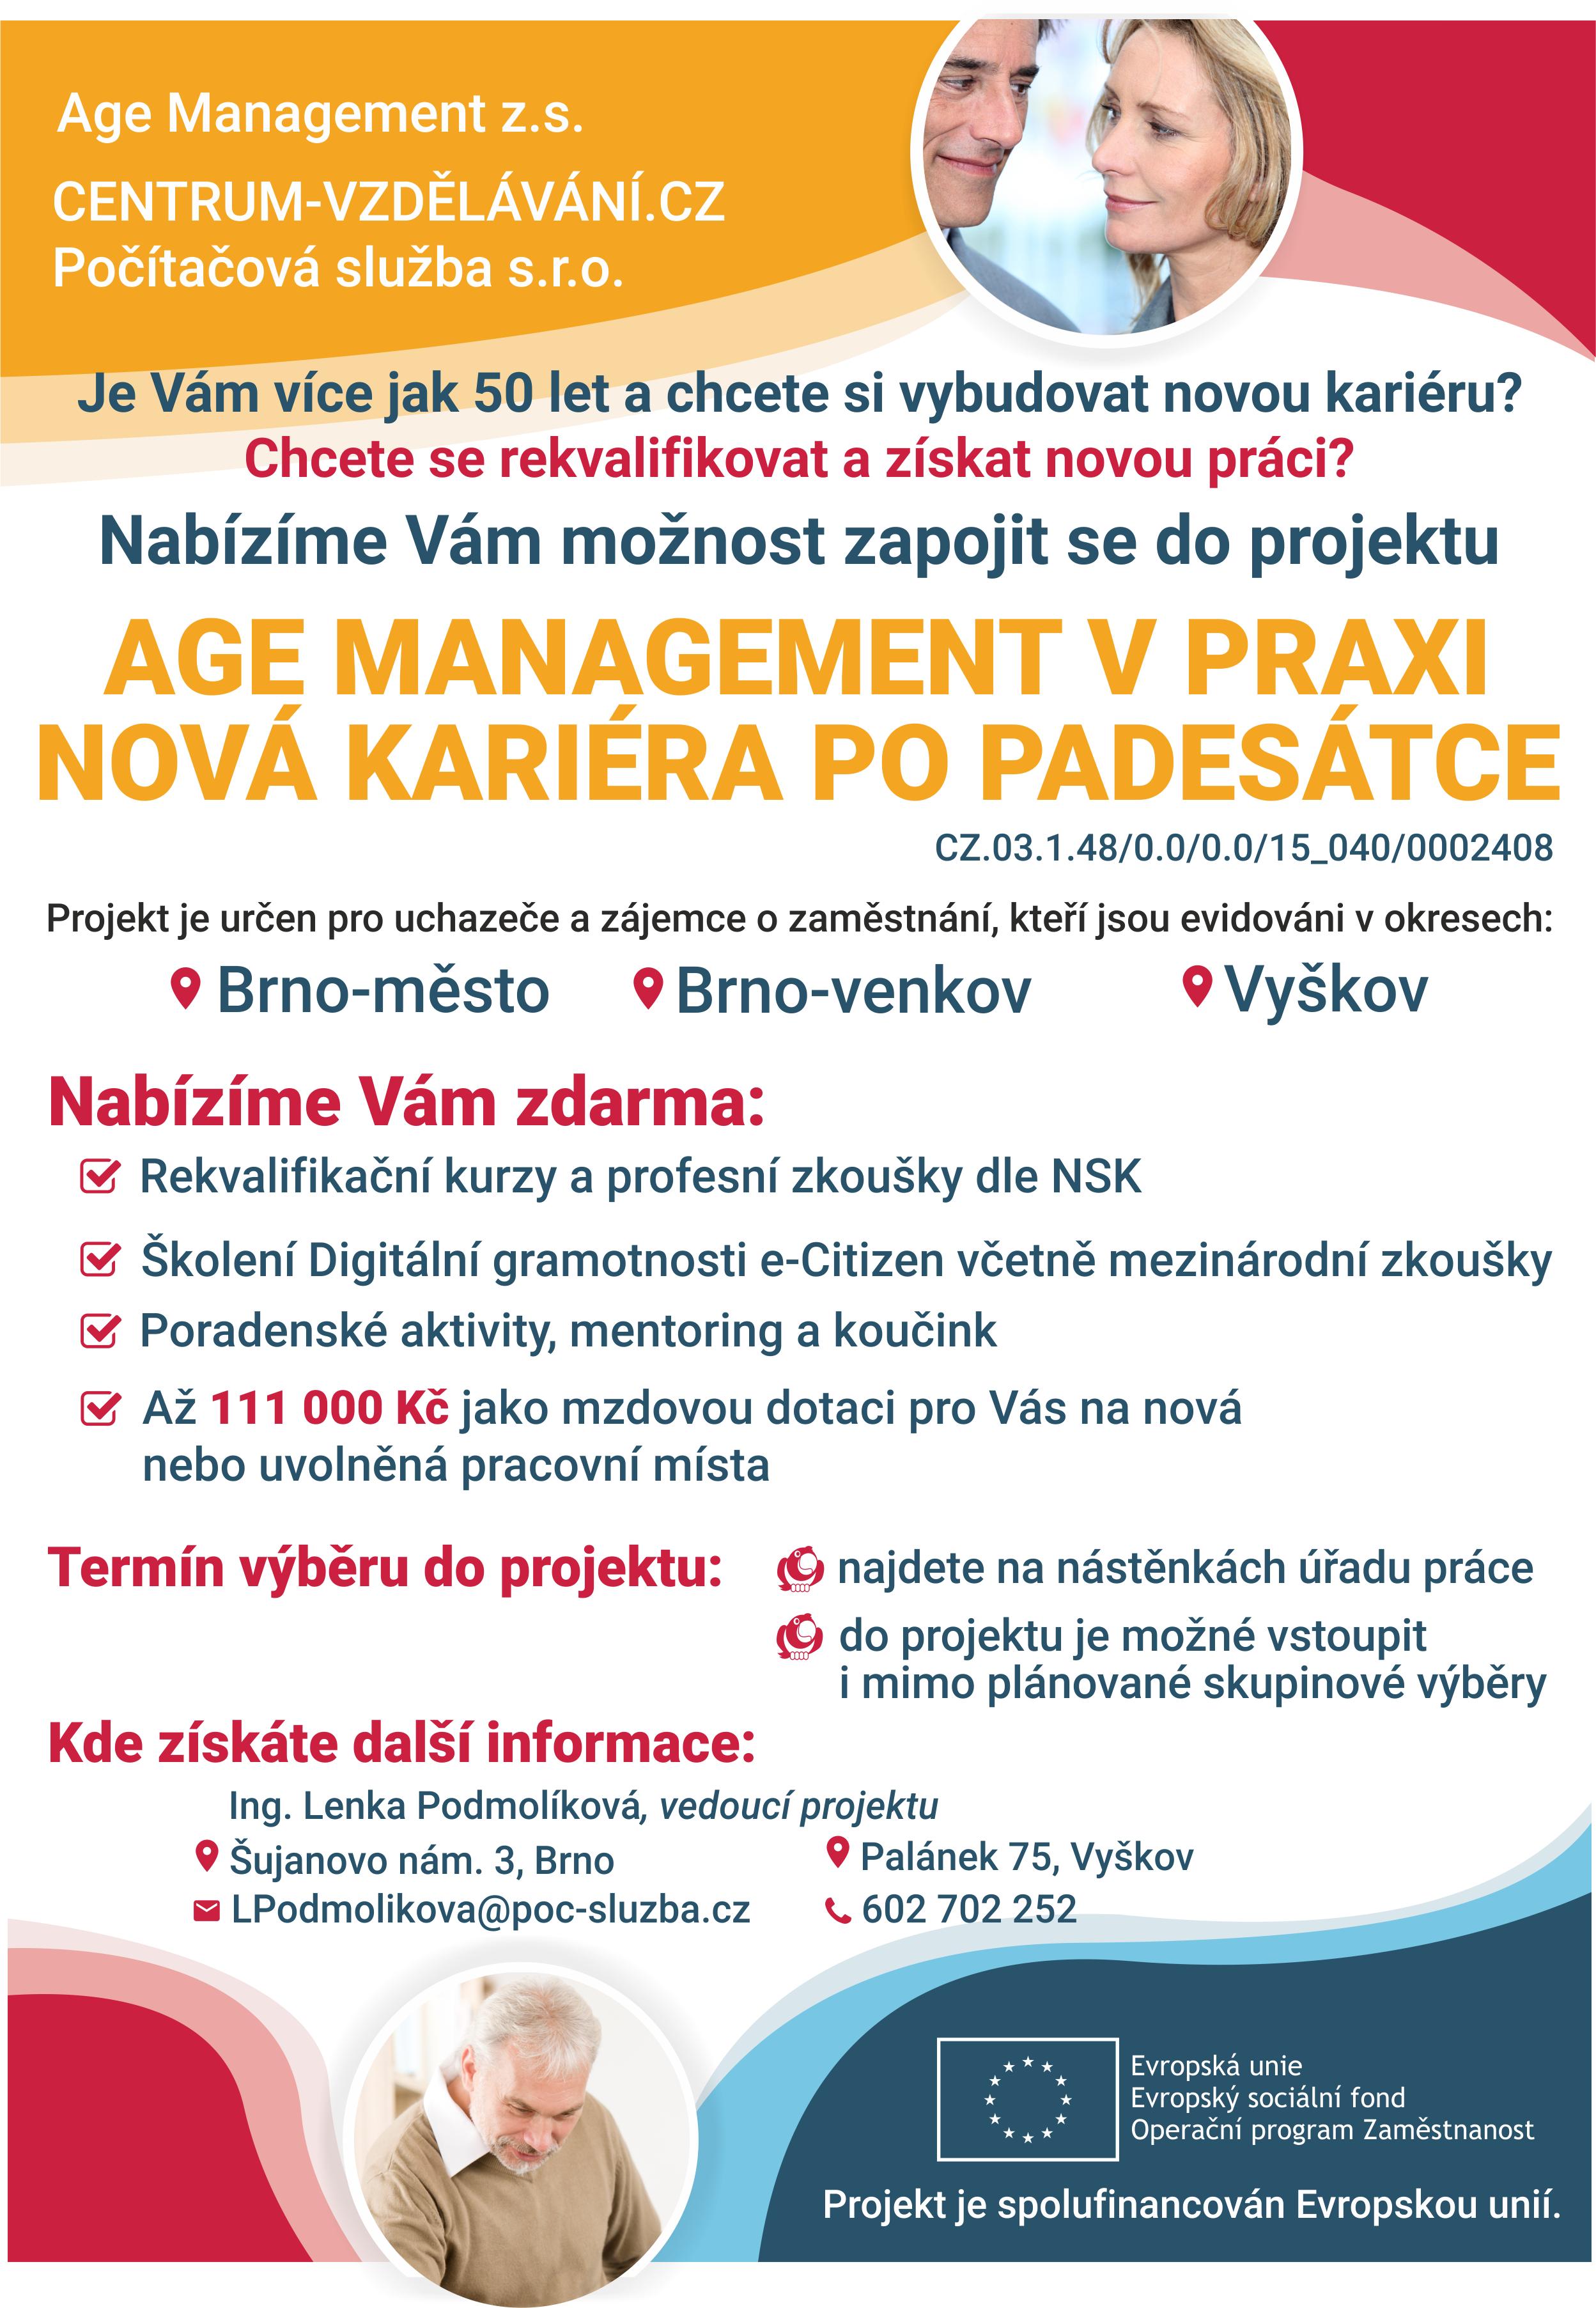 Leták - Age management v praxi - nová kariéra po padesátce